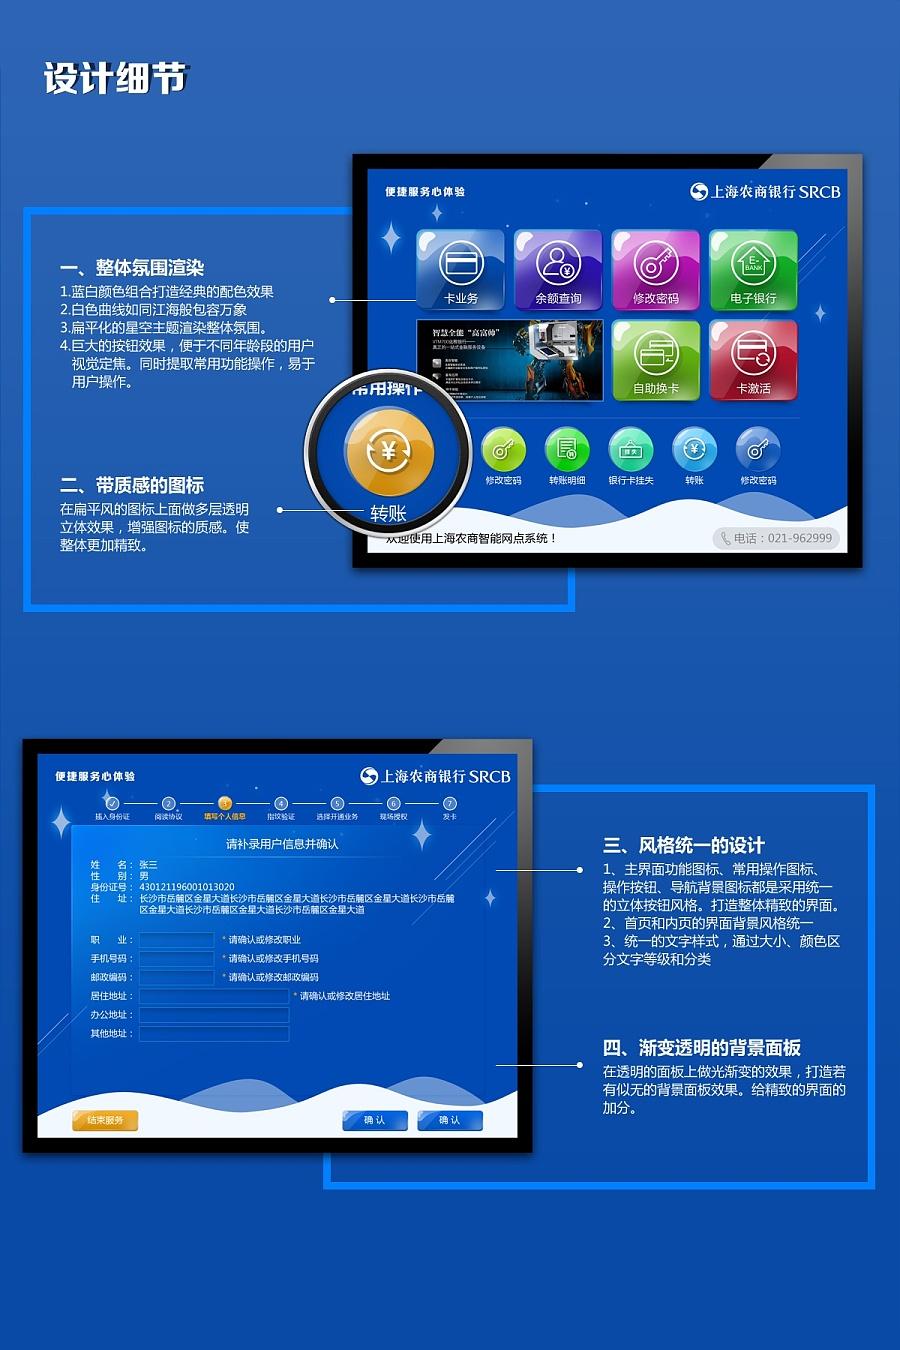 界面行业界面设计|电脑软件皮肤/零件|UI|zhanli铣削v界面金融毕业设计图片